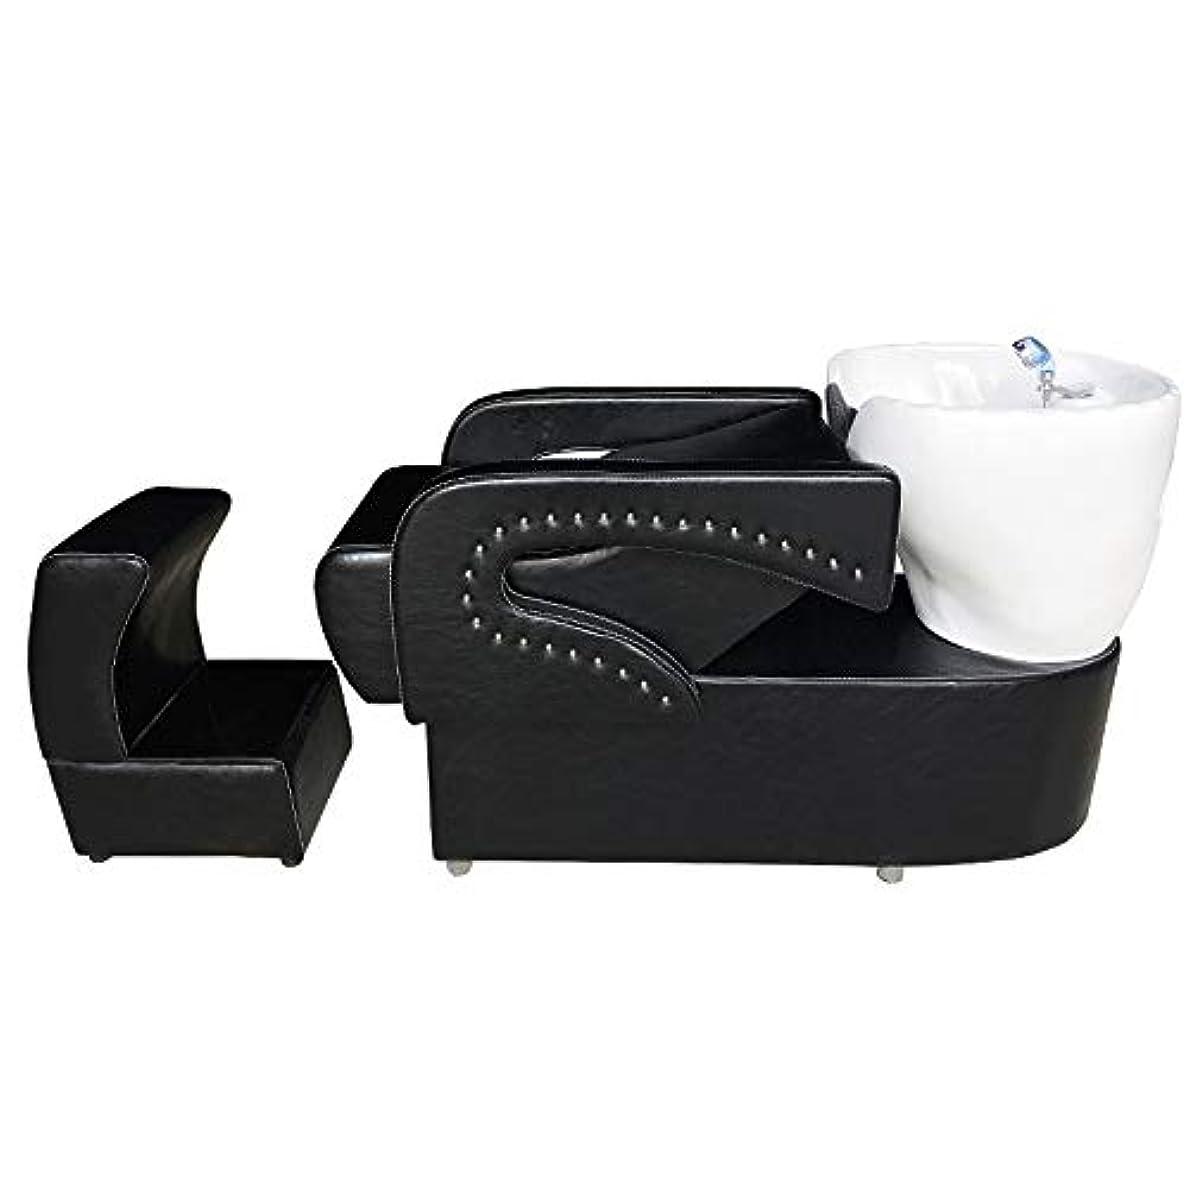 区乱す船シャンプーの理髪師の逆洗の椅子、鉱泉の美容院のためのシャンプーボールの流しの椅子は半くぼみのフラッシュベッドを流します